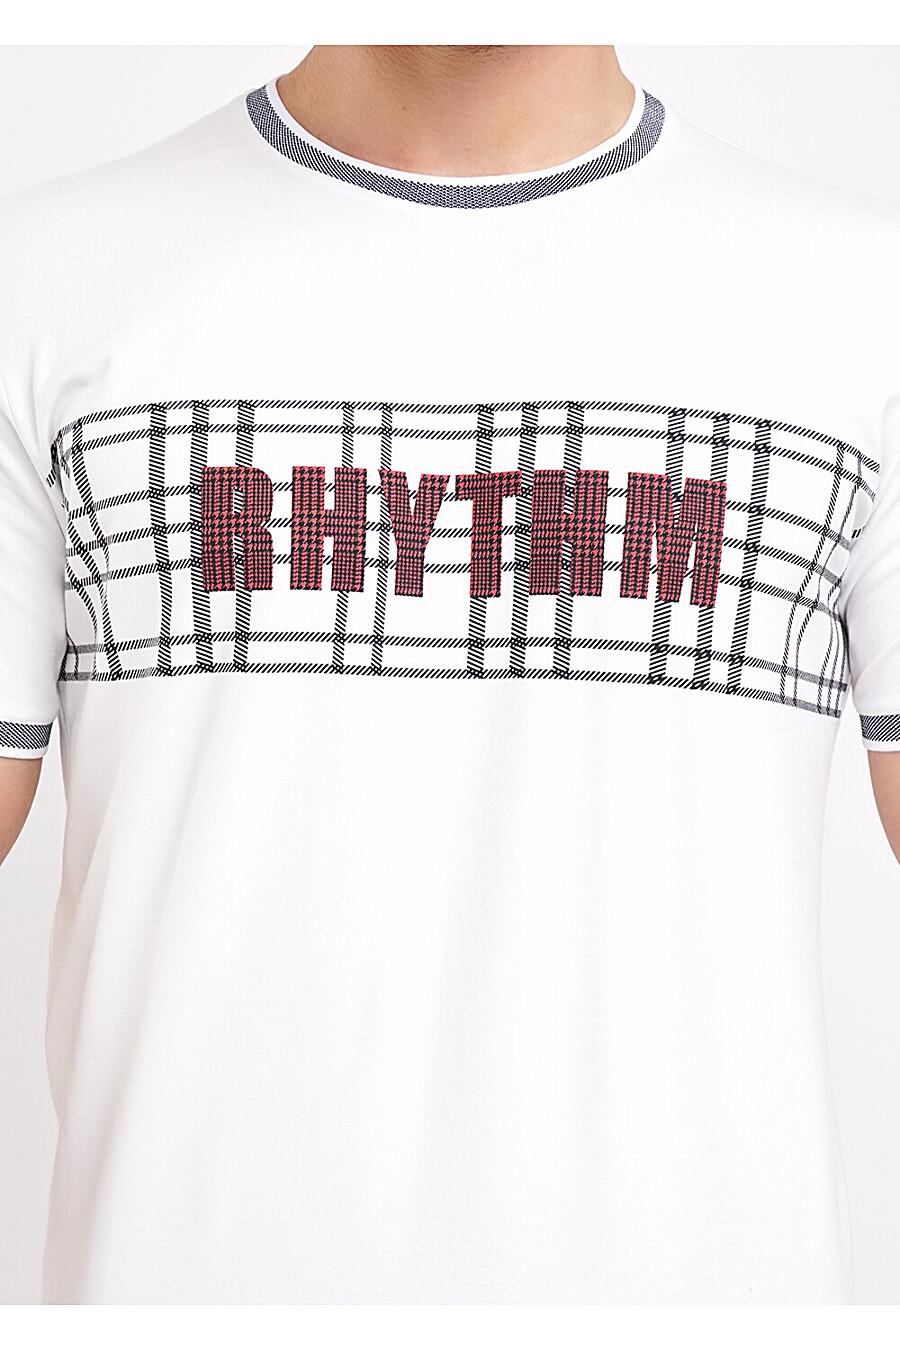 Футболка для мужчин CLEVER 649036 купить оптом от производителя. Совместная покупка мужской одежды в OptMoyo